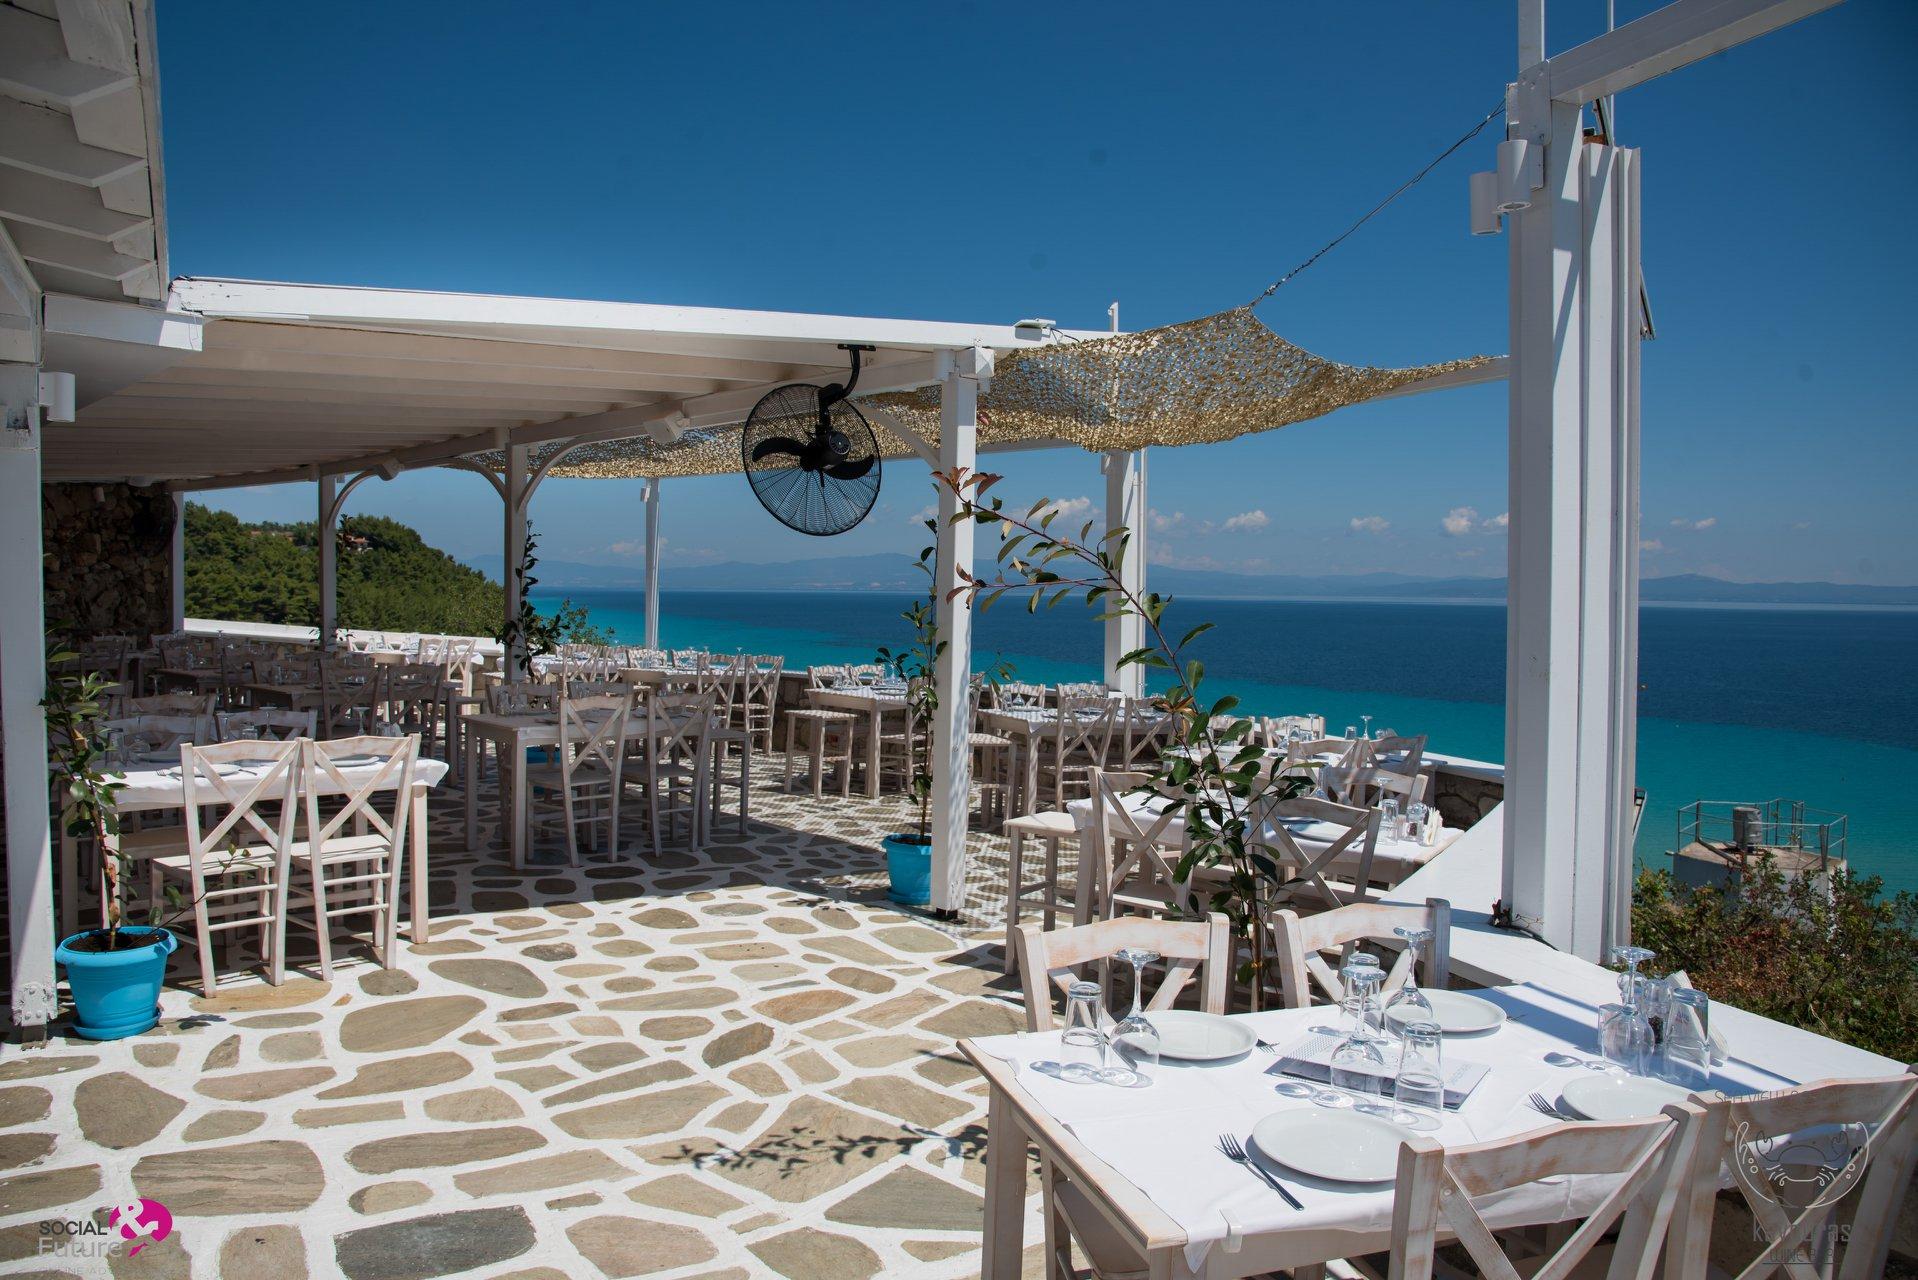 Καβουρας sea view restaurant